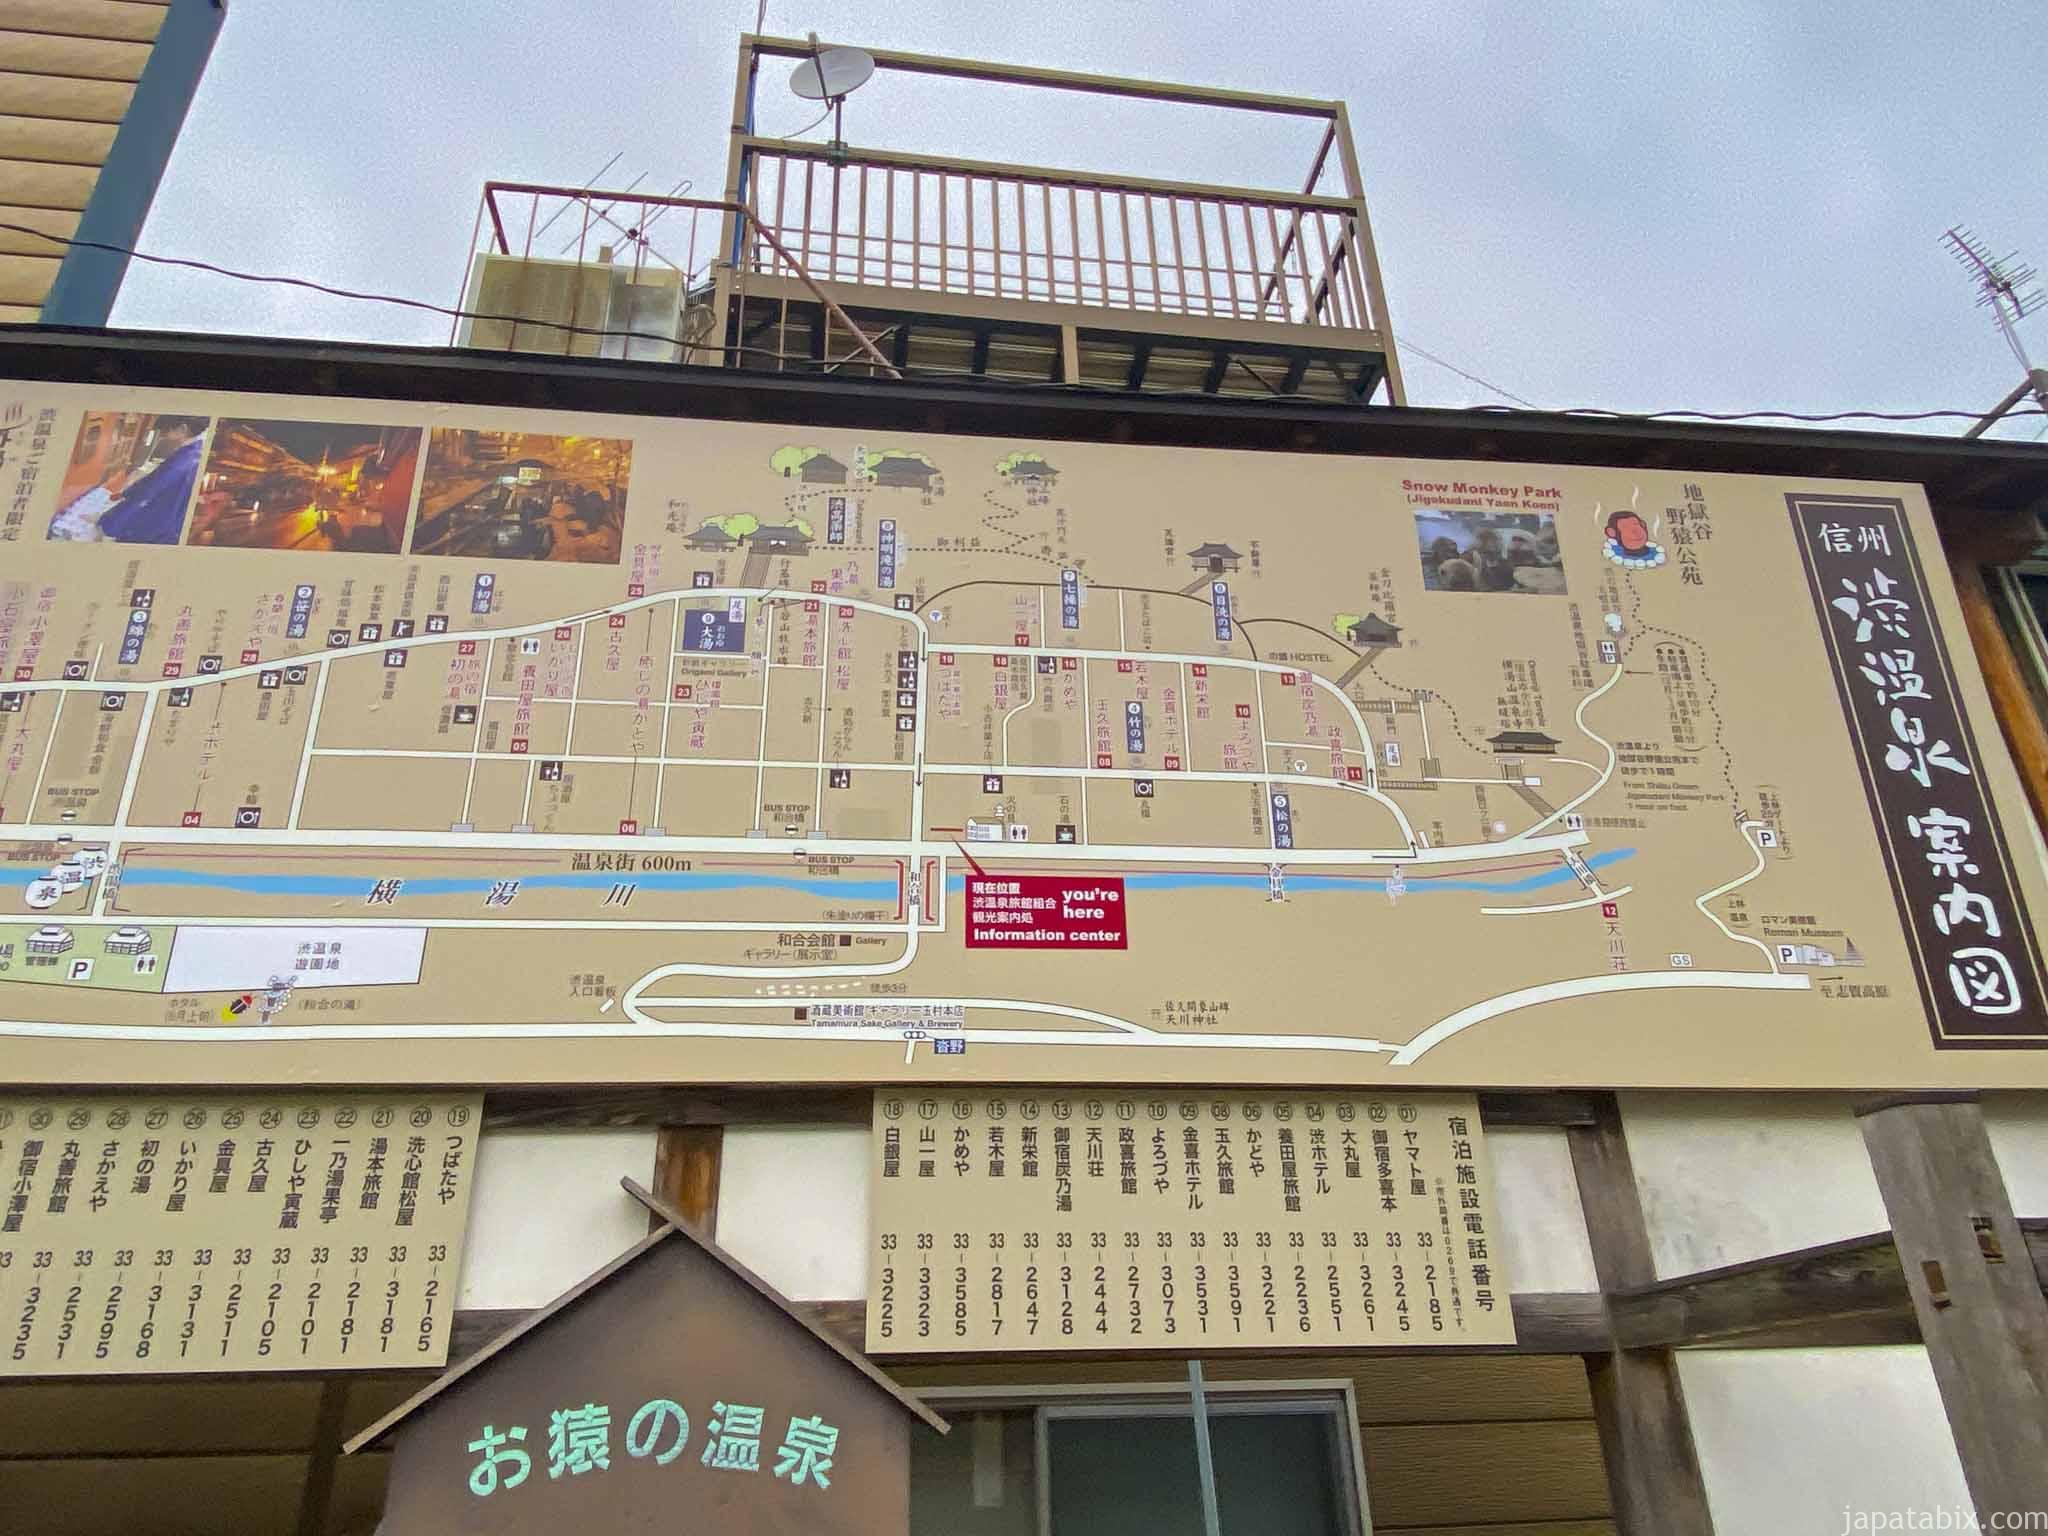 渋温泉 観光案内マップ